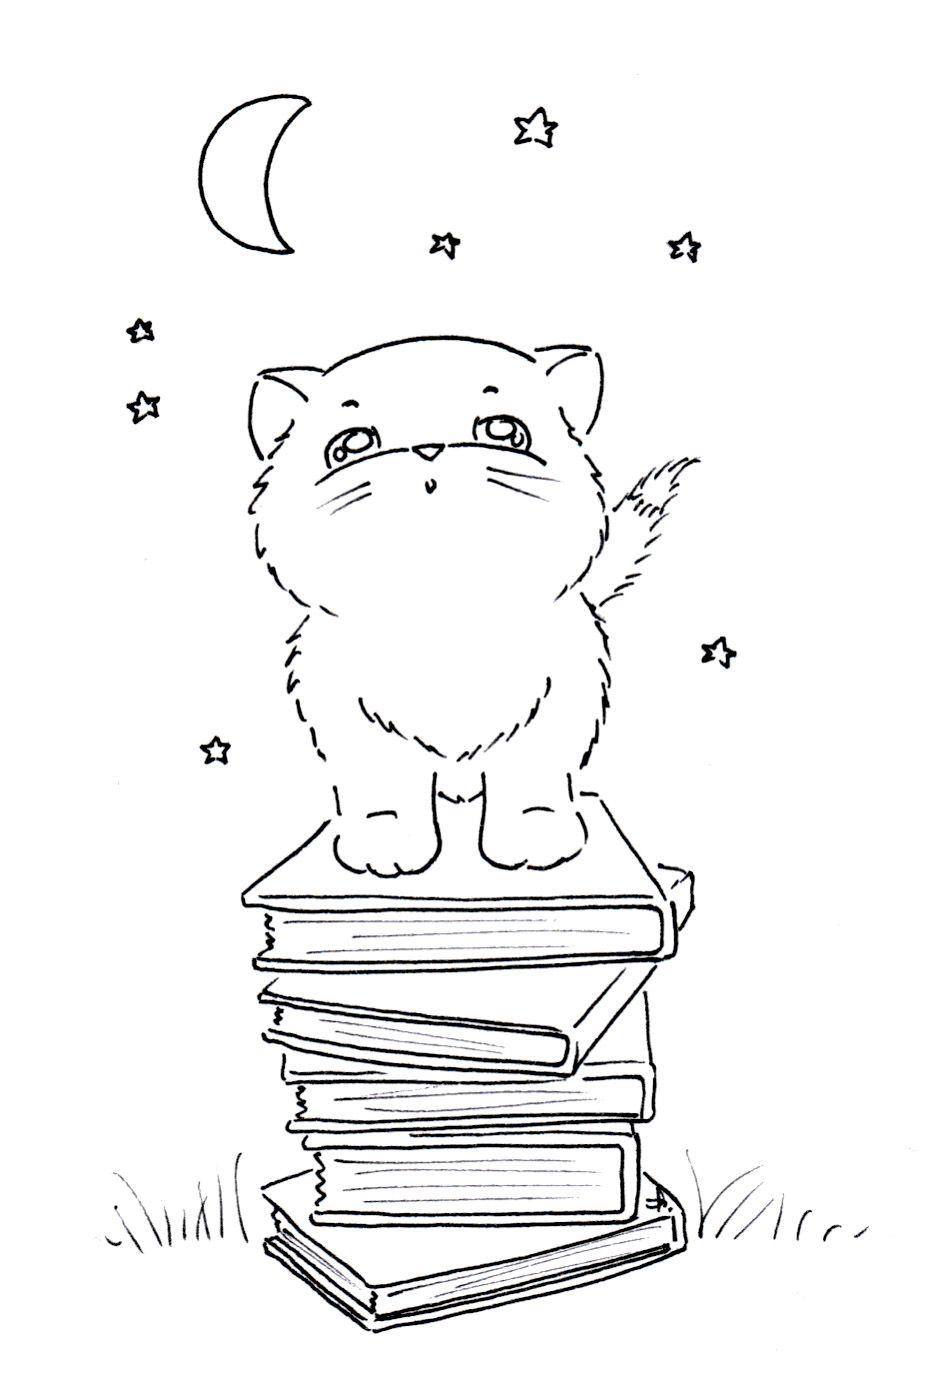 Gatito y libros | Dibujos para pintar | Pinterest | Gato, Libros y ...